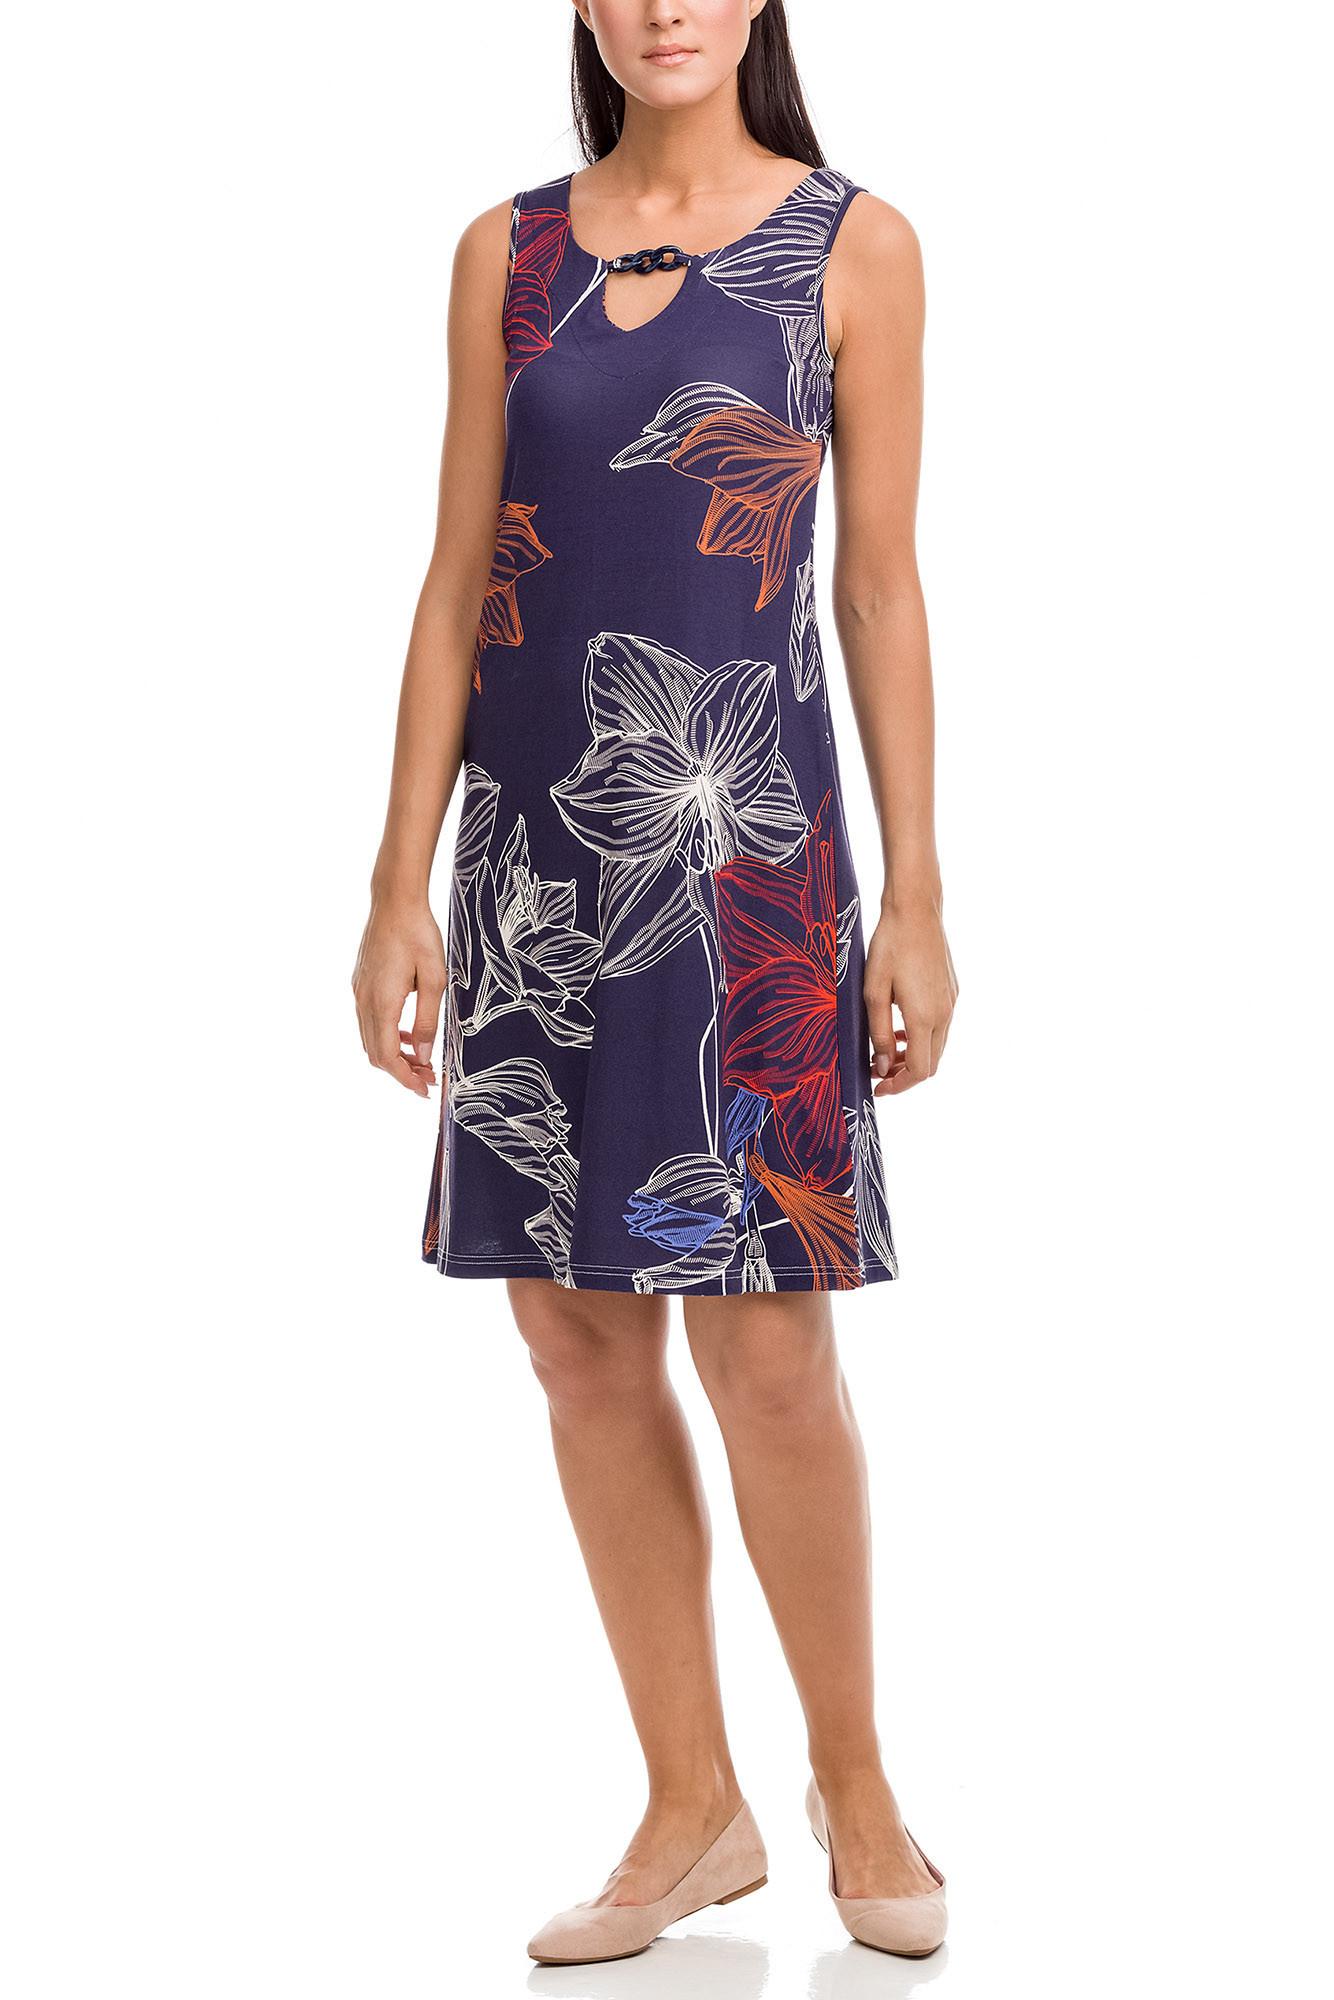 Vamp - Dámske šaty 12495 - Vamp modrá mořská XXL